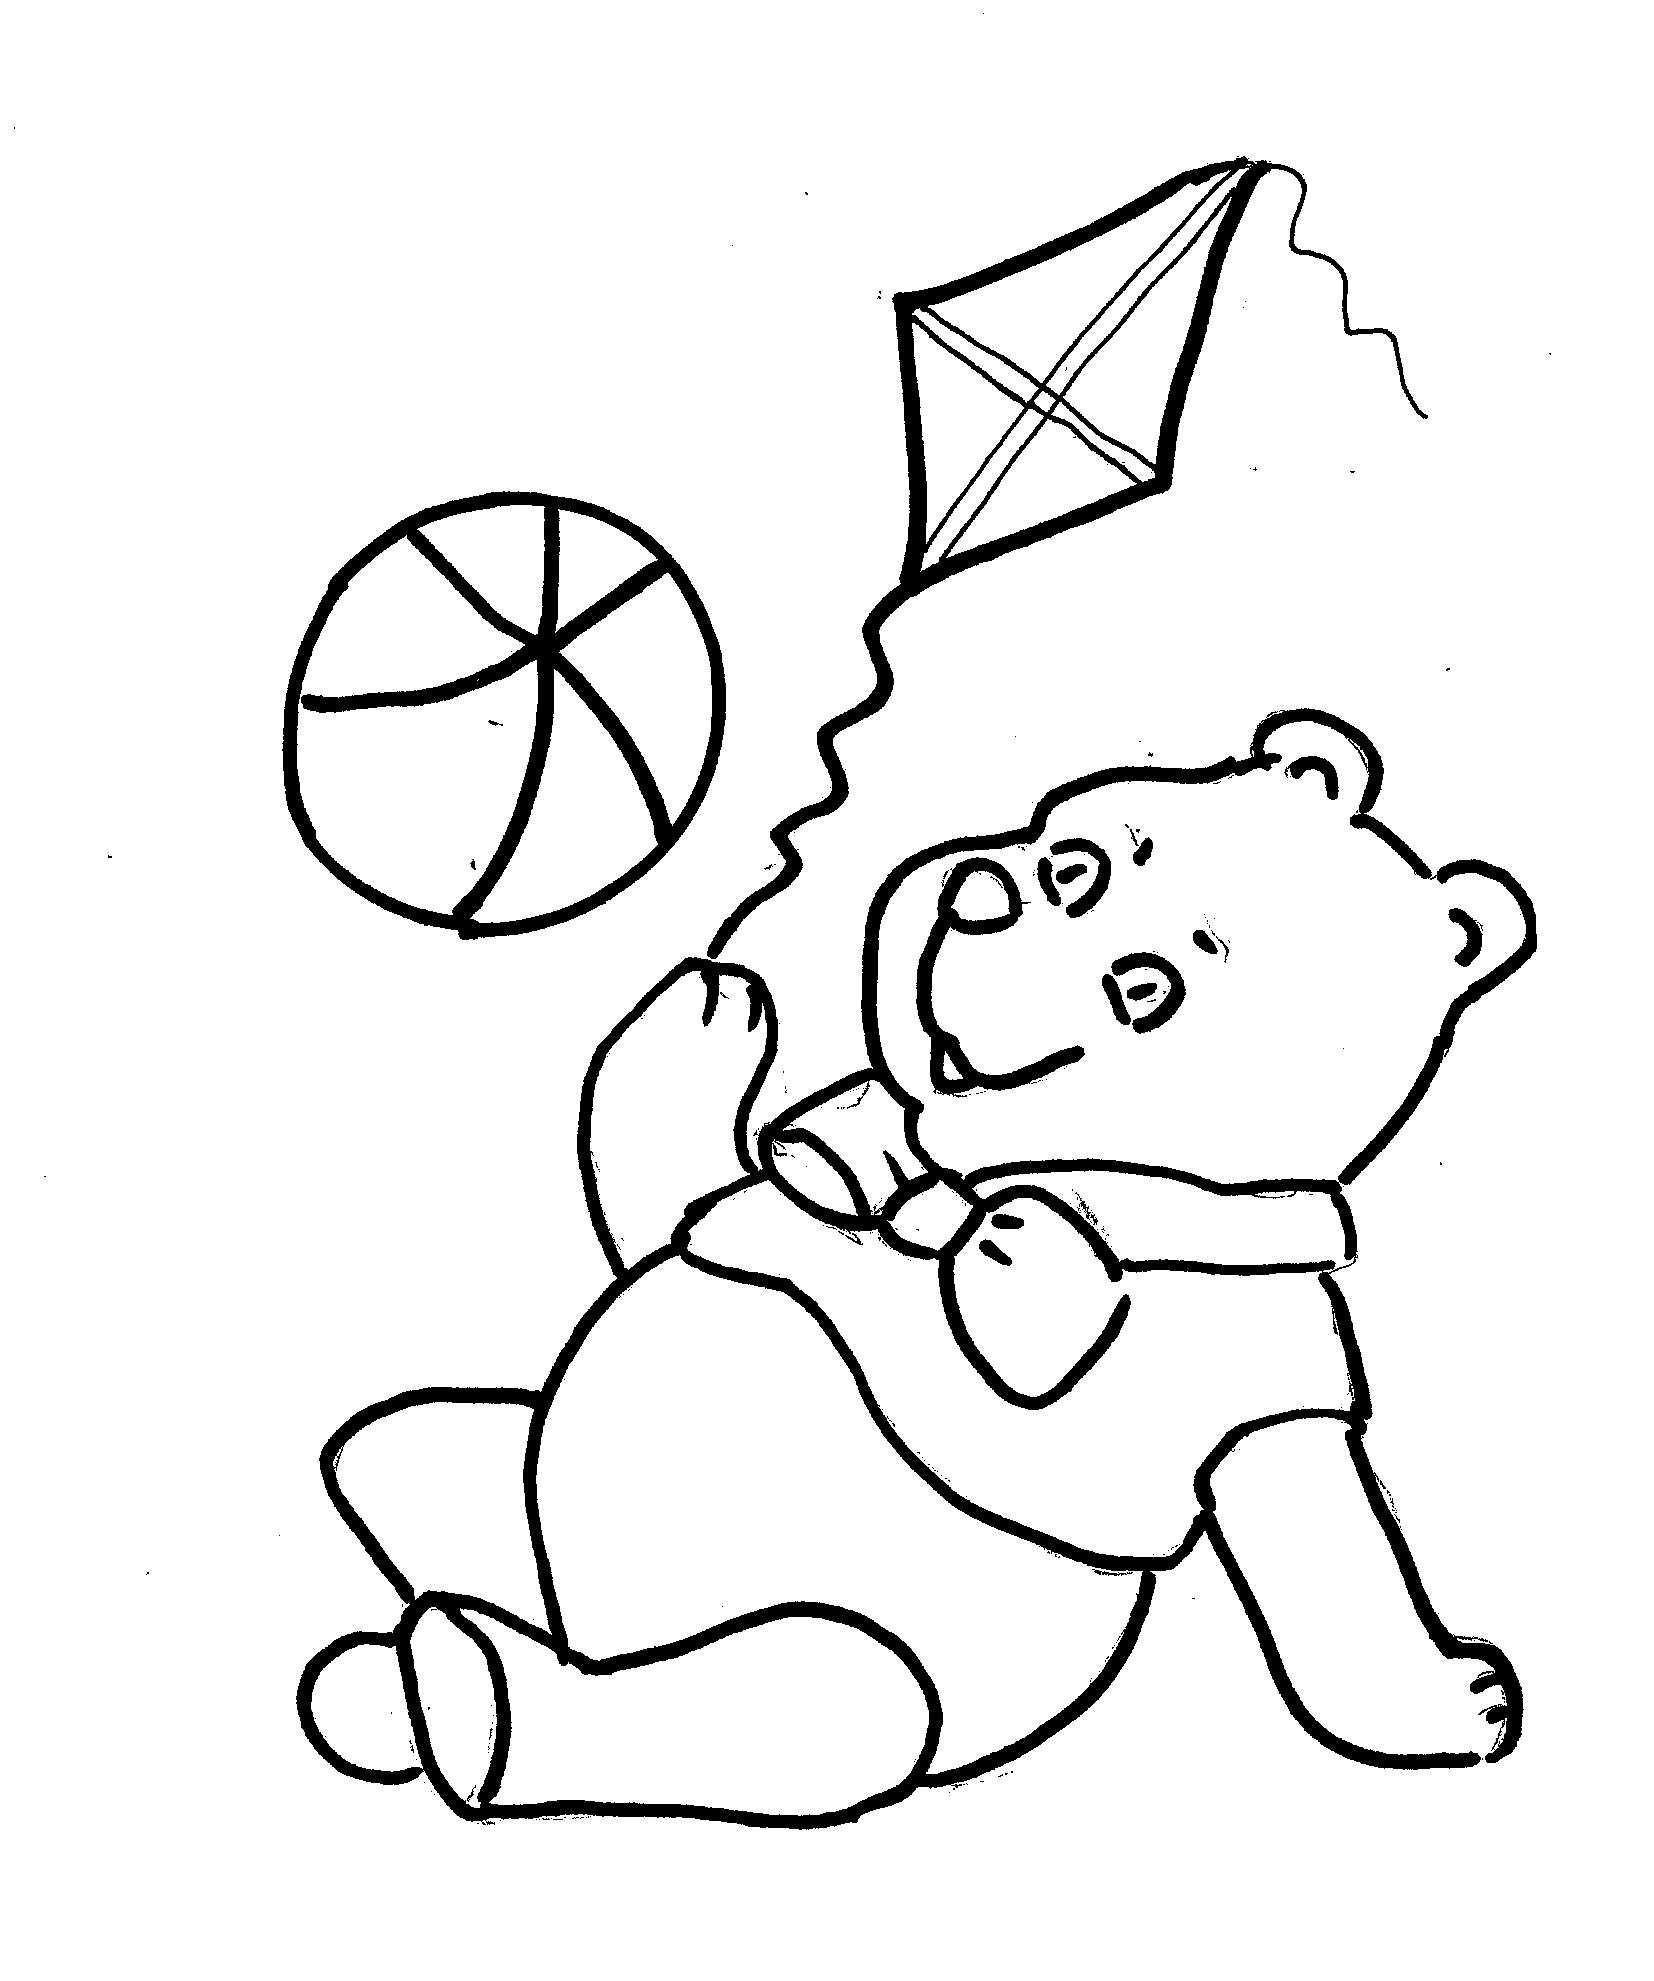 Disegni da colorare bambini i orsacchiotto - Orsacchiotto da colorare in ...